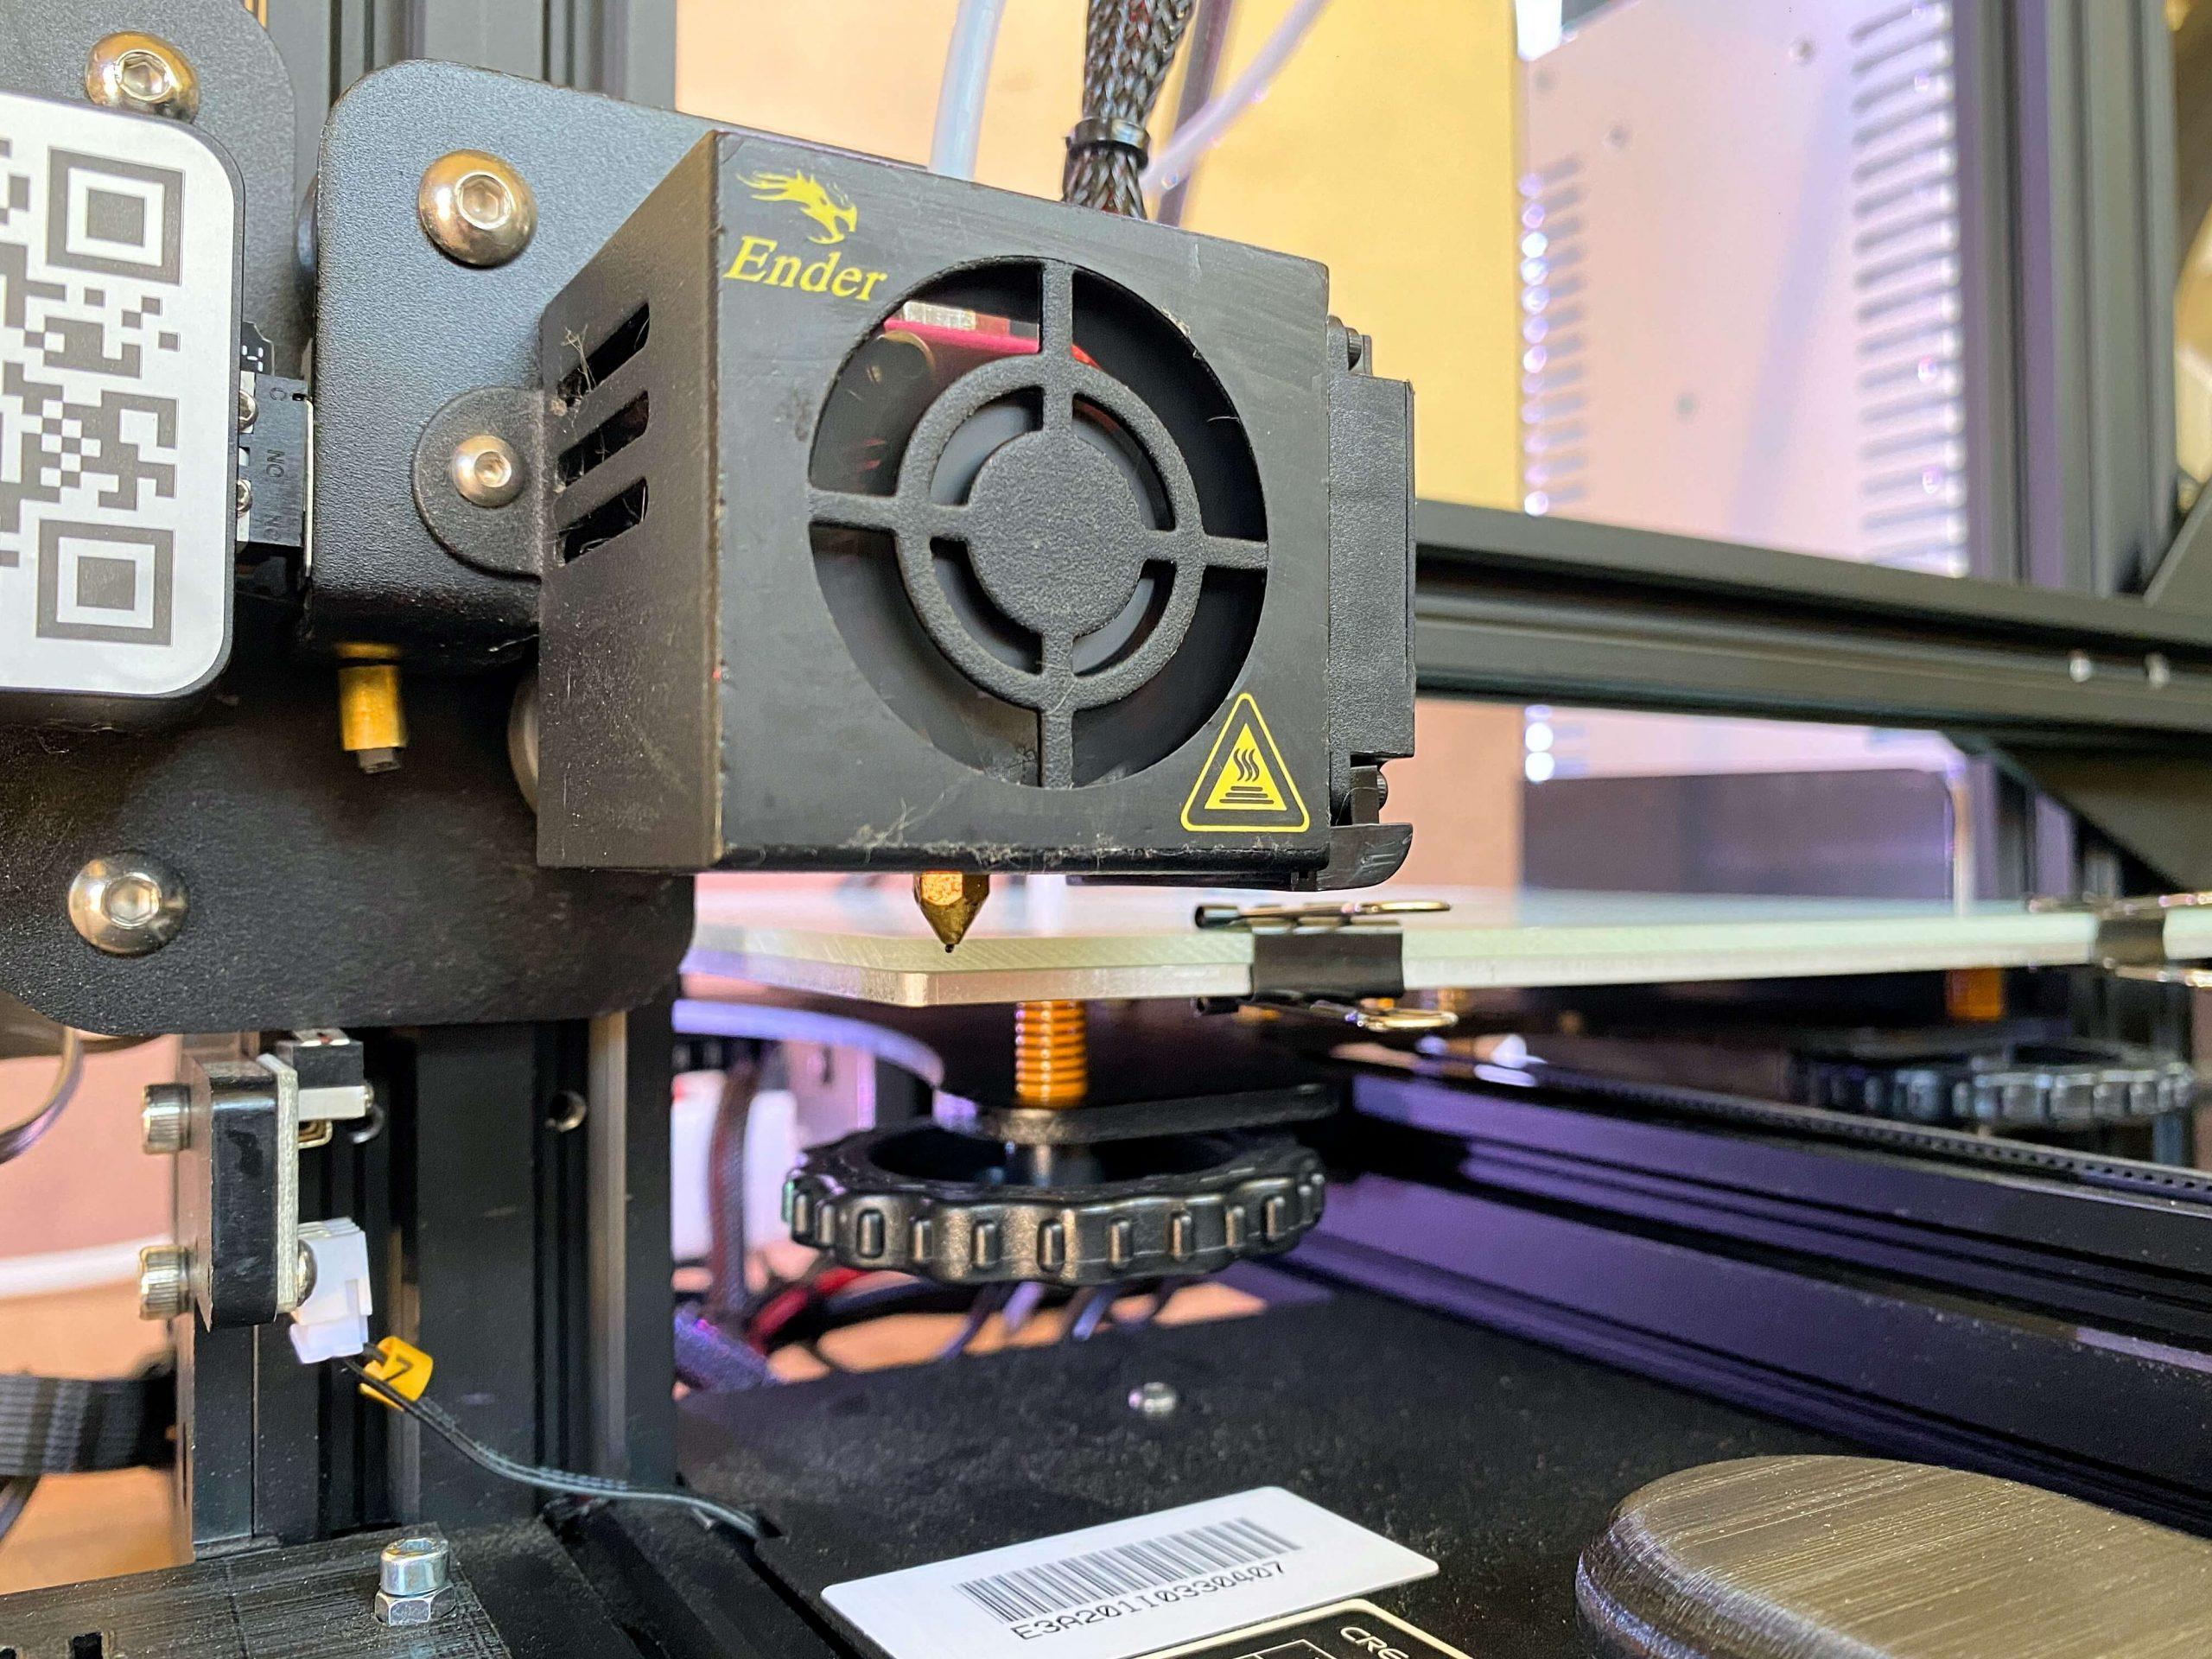 Ender-3-von-Creality-der-3D-Drucker-für-den-Einsteiger-und-Fortgeschrittenen5-scaled Ender 3 von Creality - der 3D-Drucker für den Einsteiger und Fortgeschrittenen